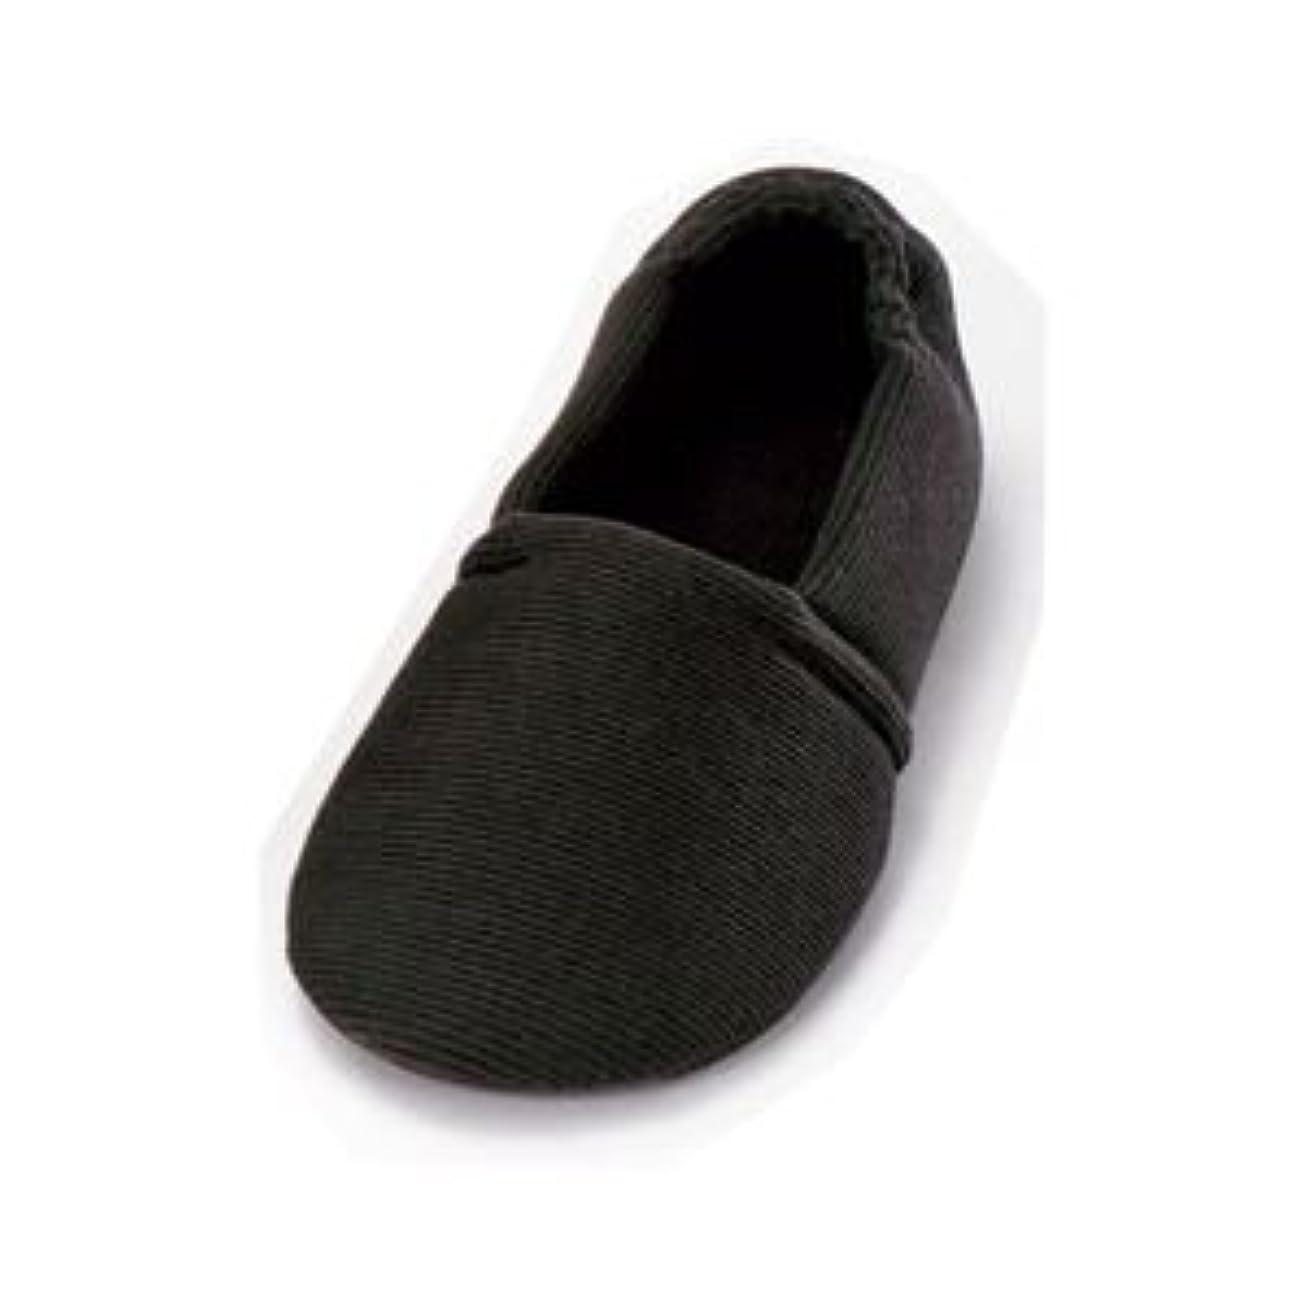 略すレギュラー初期の介護靴 室内用 エスパド 2004 両足 徳武産業 あゆみシリーズ / M ブラック